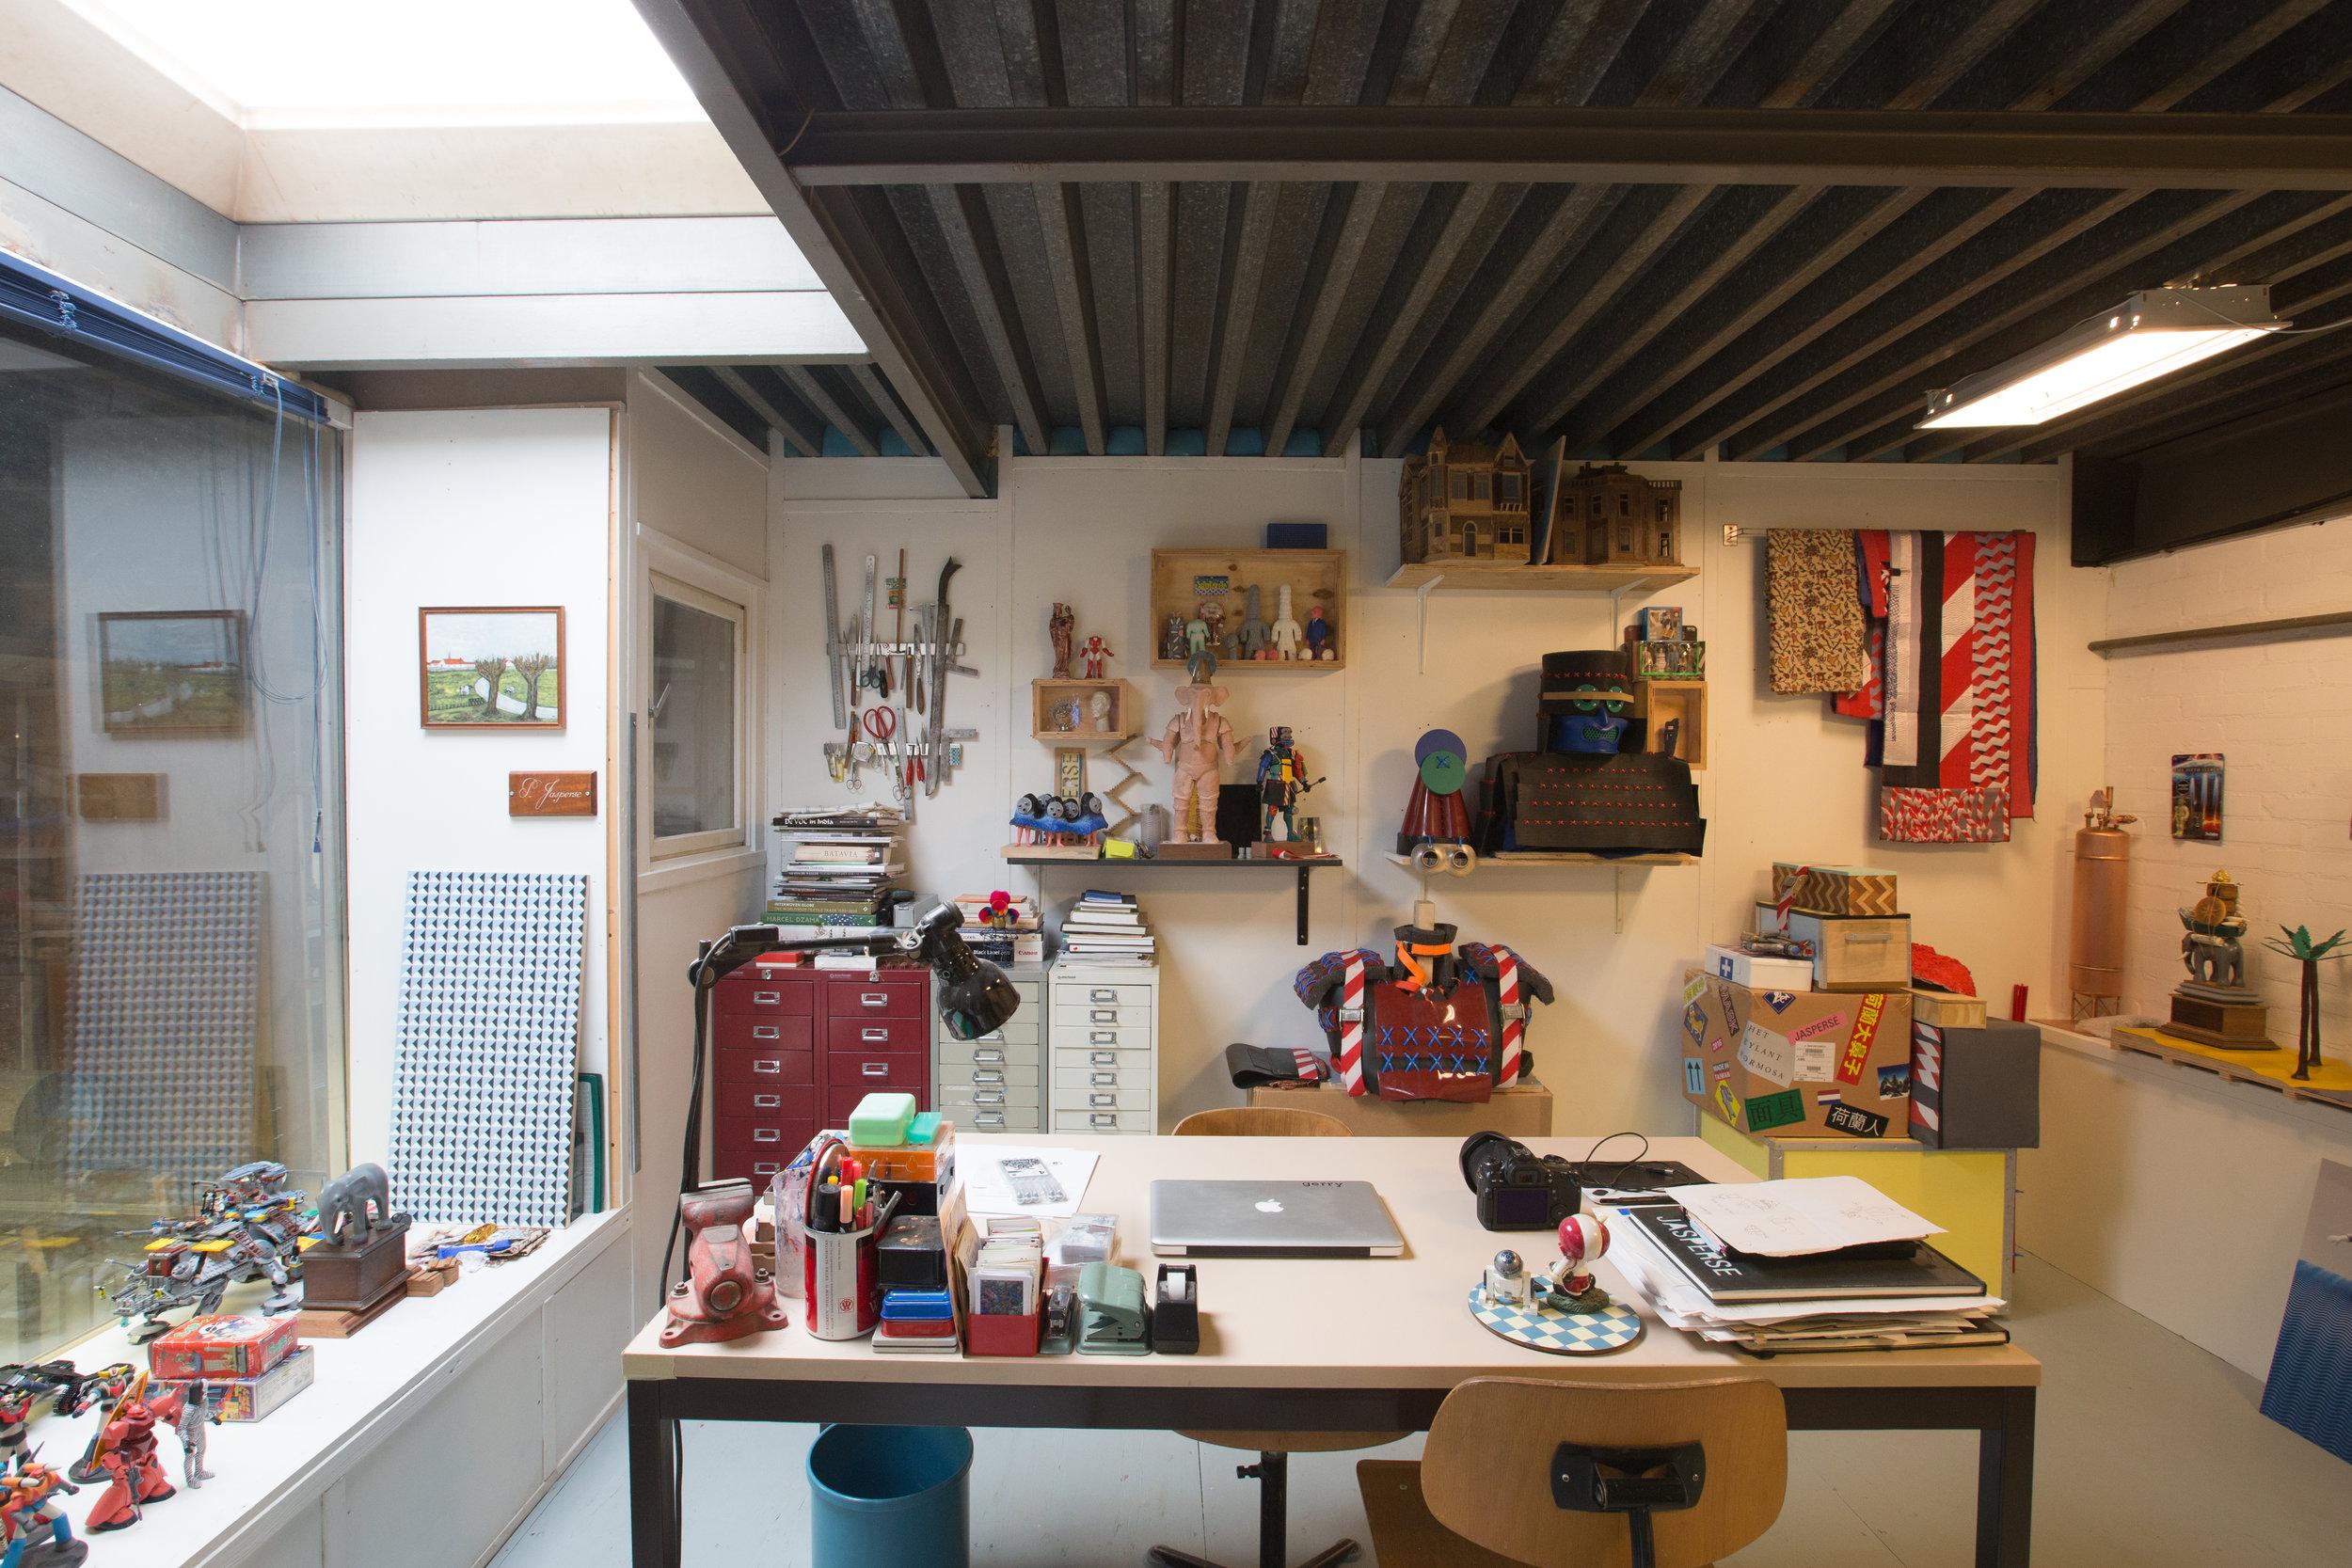 Studio, Eindhoven, 2018, (Foto: Adriaan de Man)